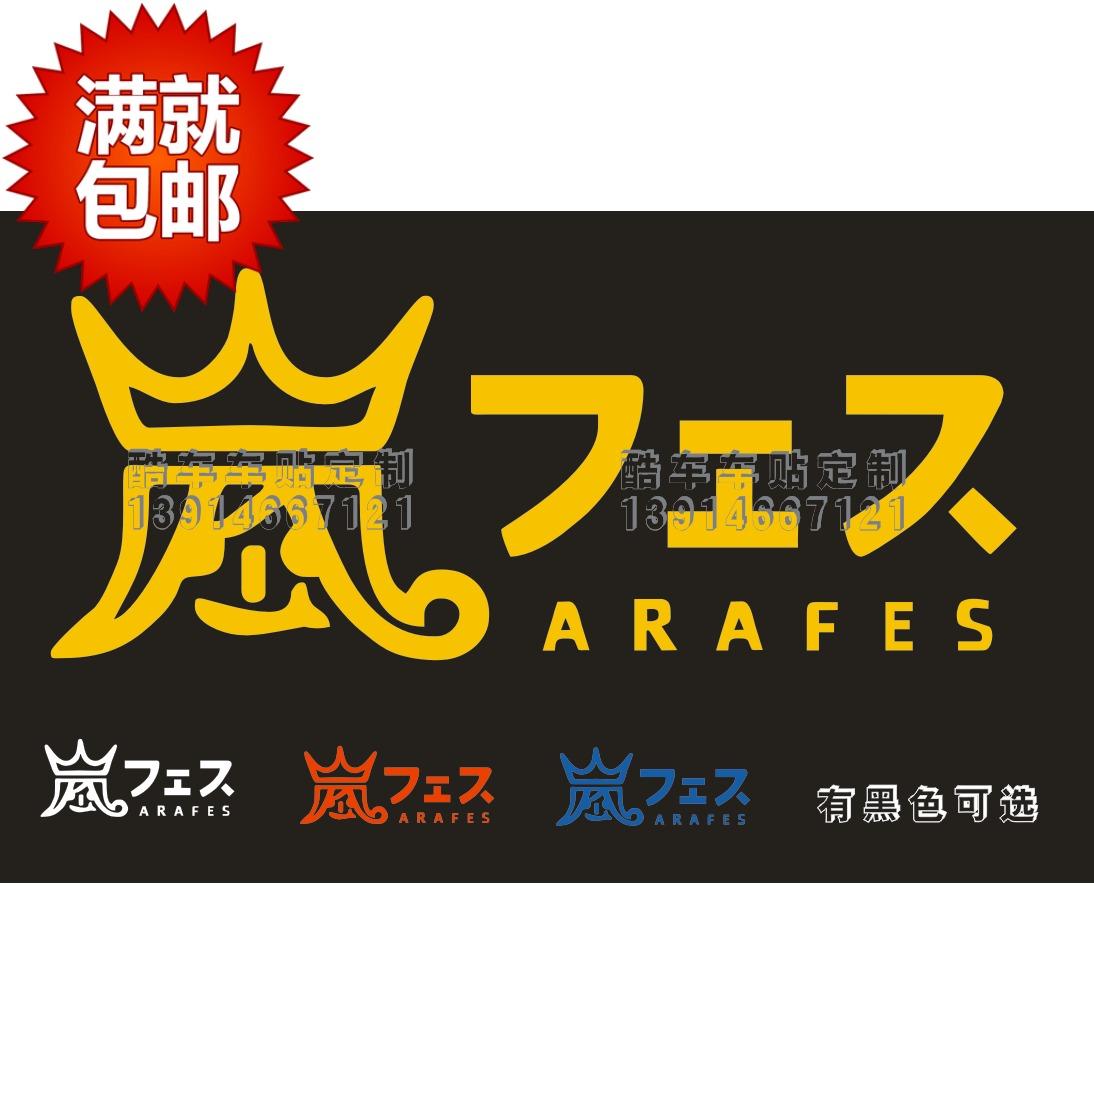 岚饭 岚组合 arashi车贴 墙贴箱包笔记本贴纸夏威夷岚演唱会贴纸